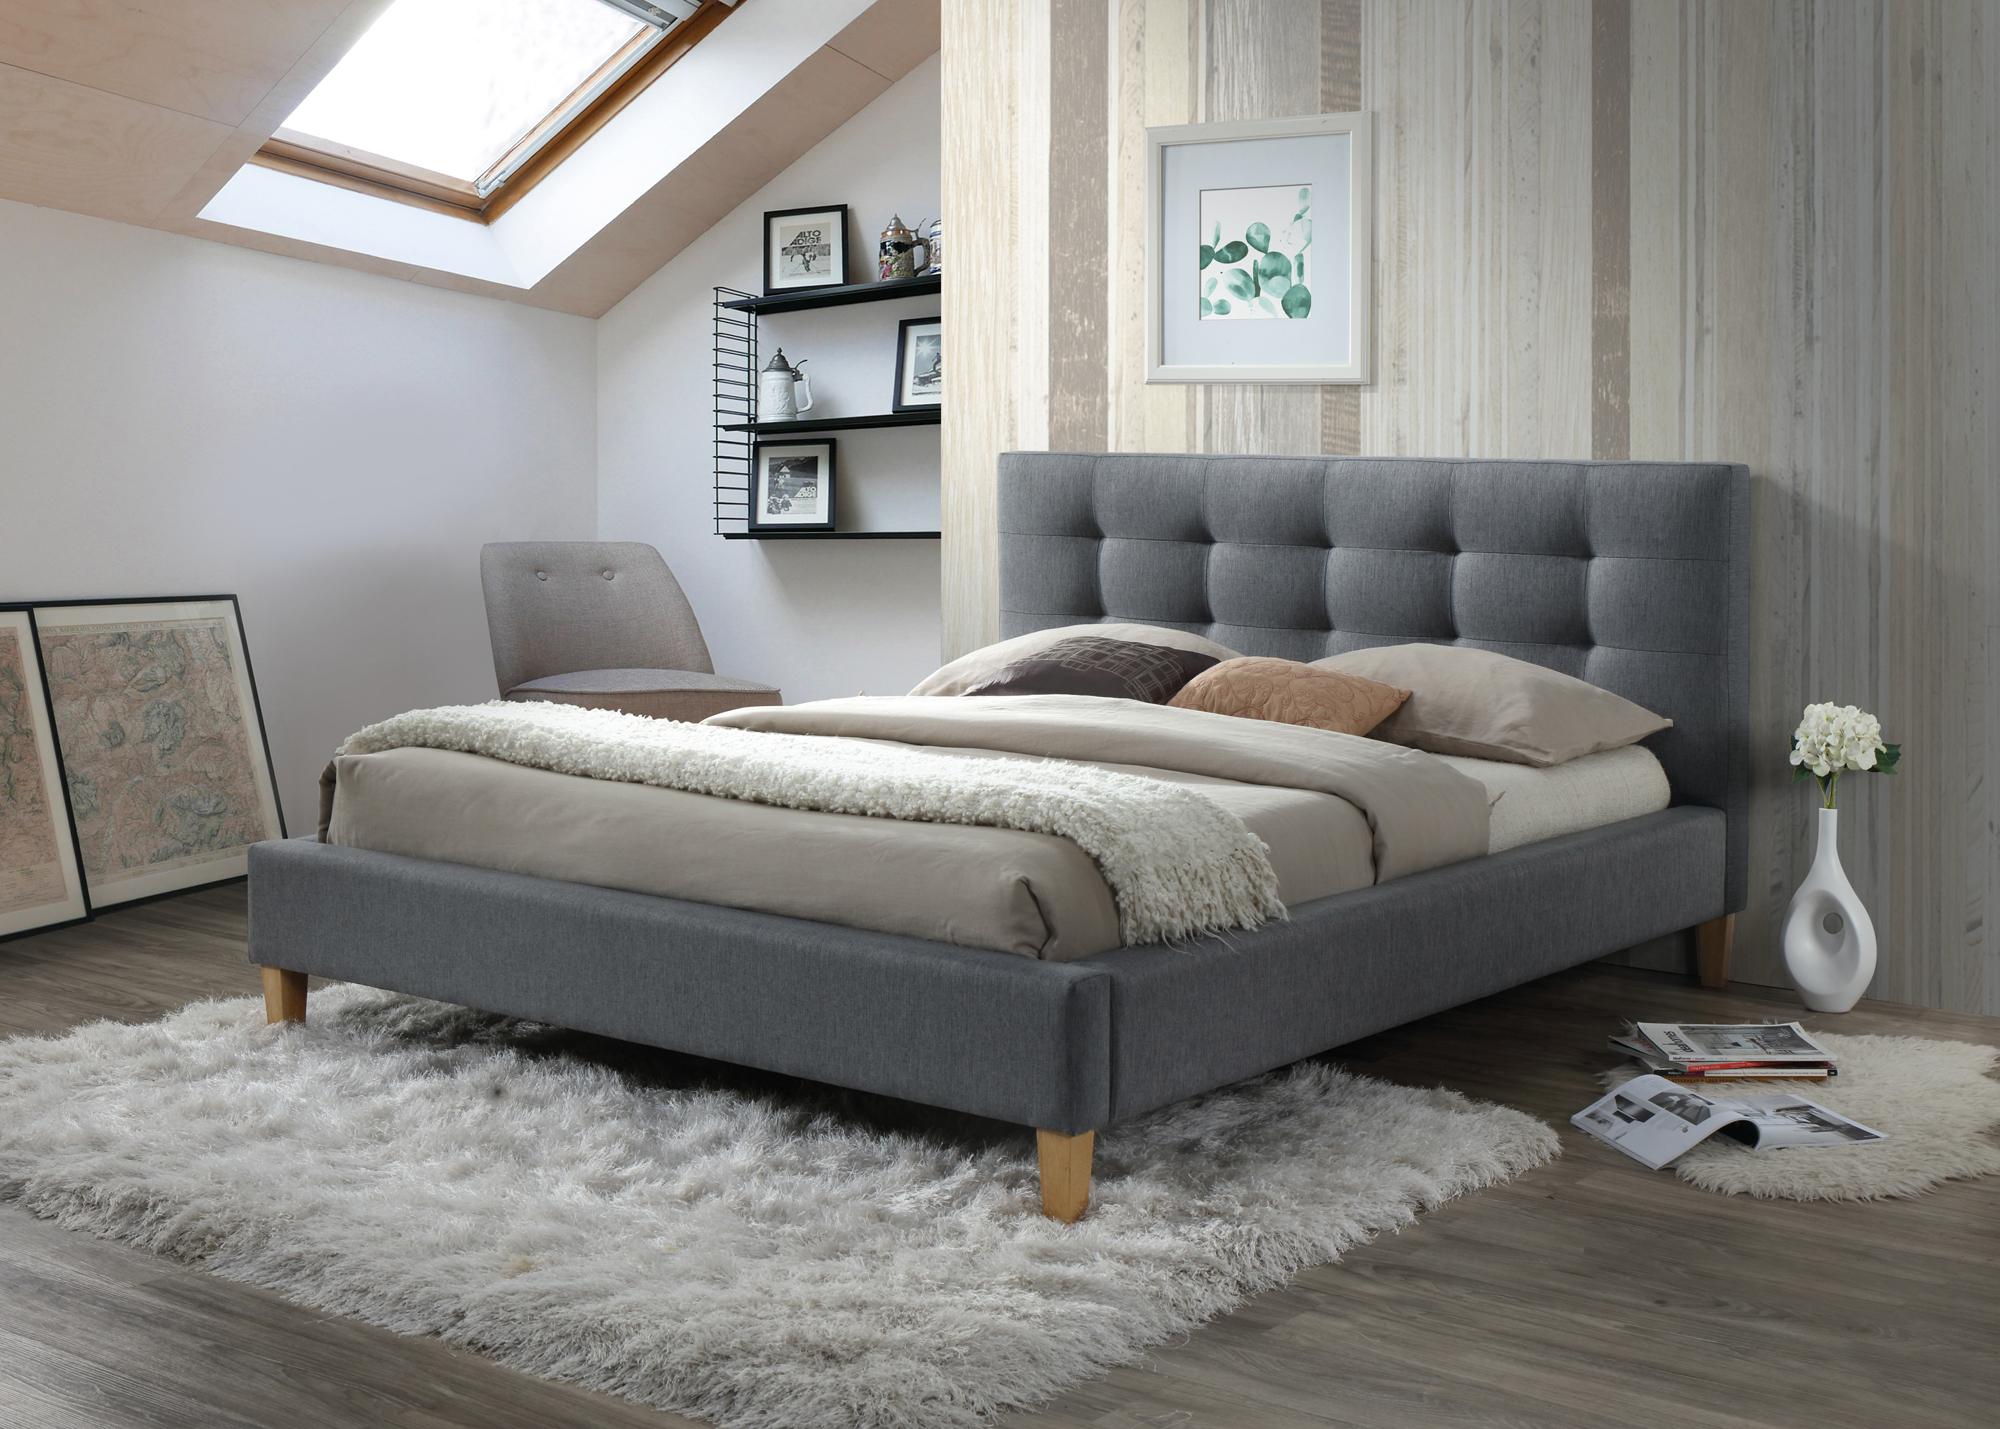 Levně Čalouněná postel TEXAS 160 x 200 cm šedá Matrace: Matrace Coco Maxi 23 cm